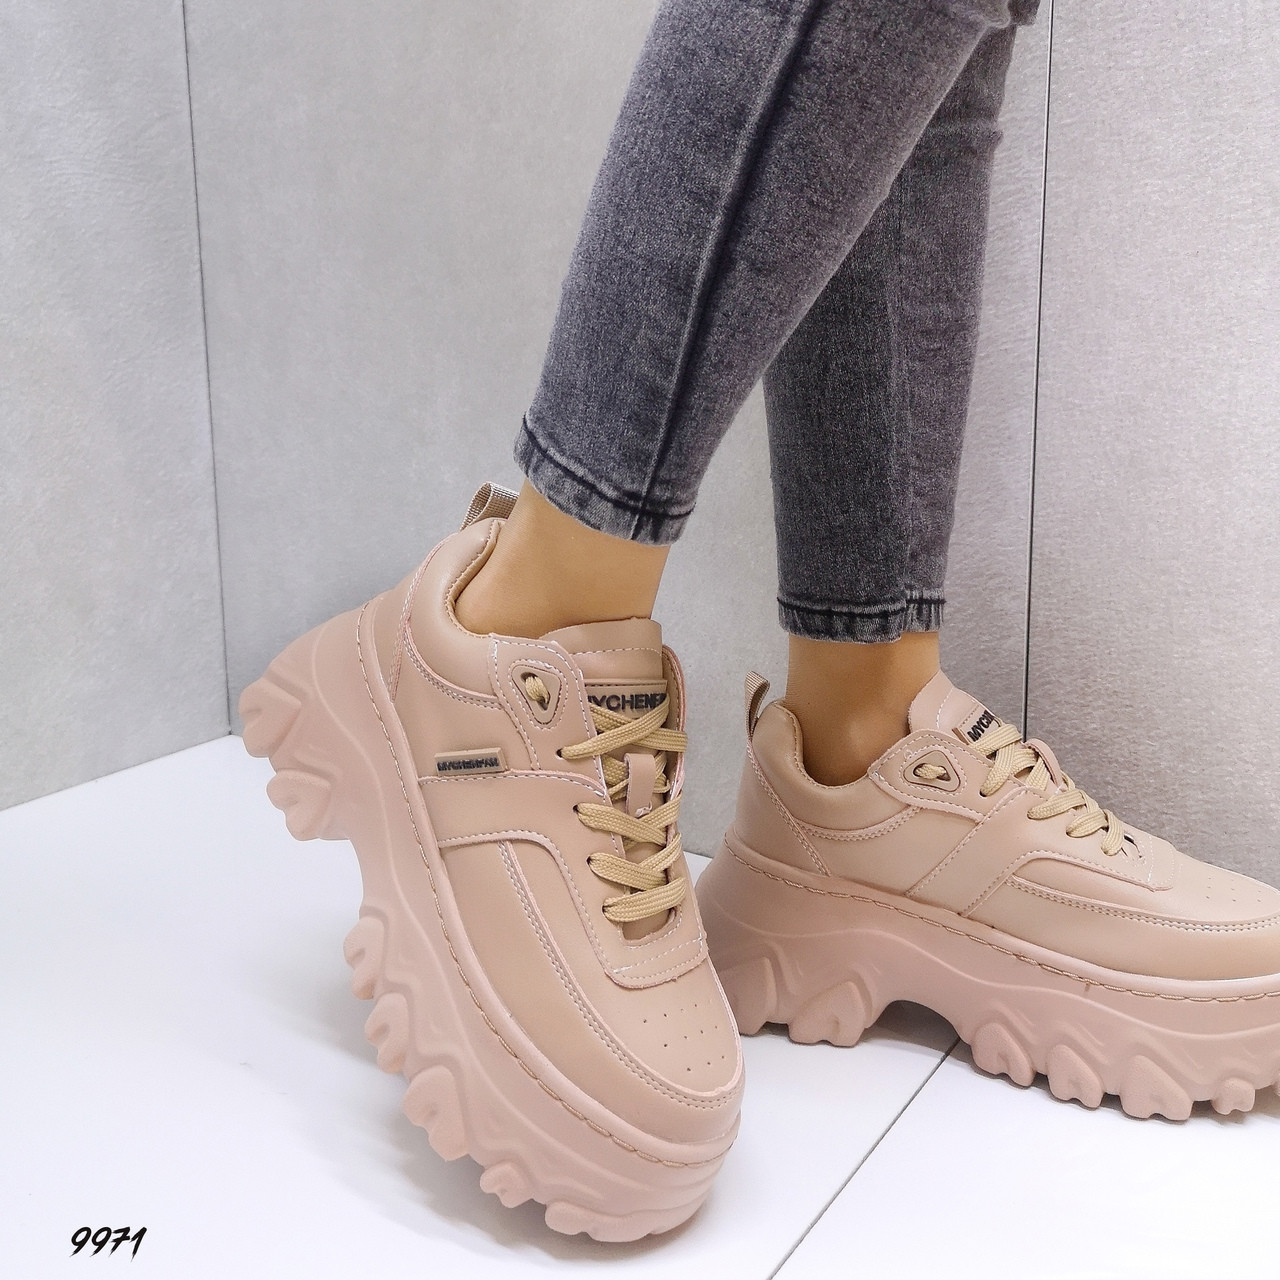 Женские кроссовки под бренд Цвет - Бежевый